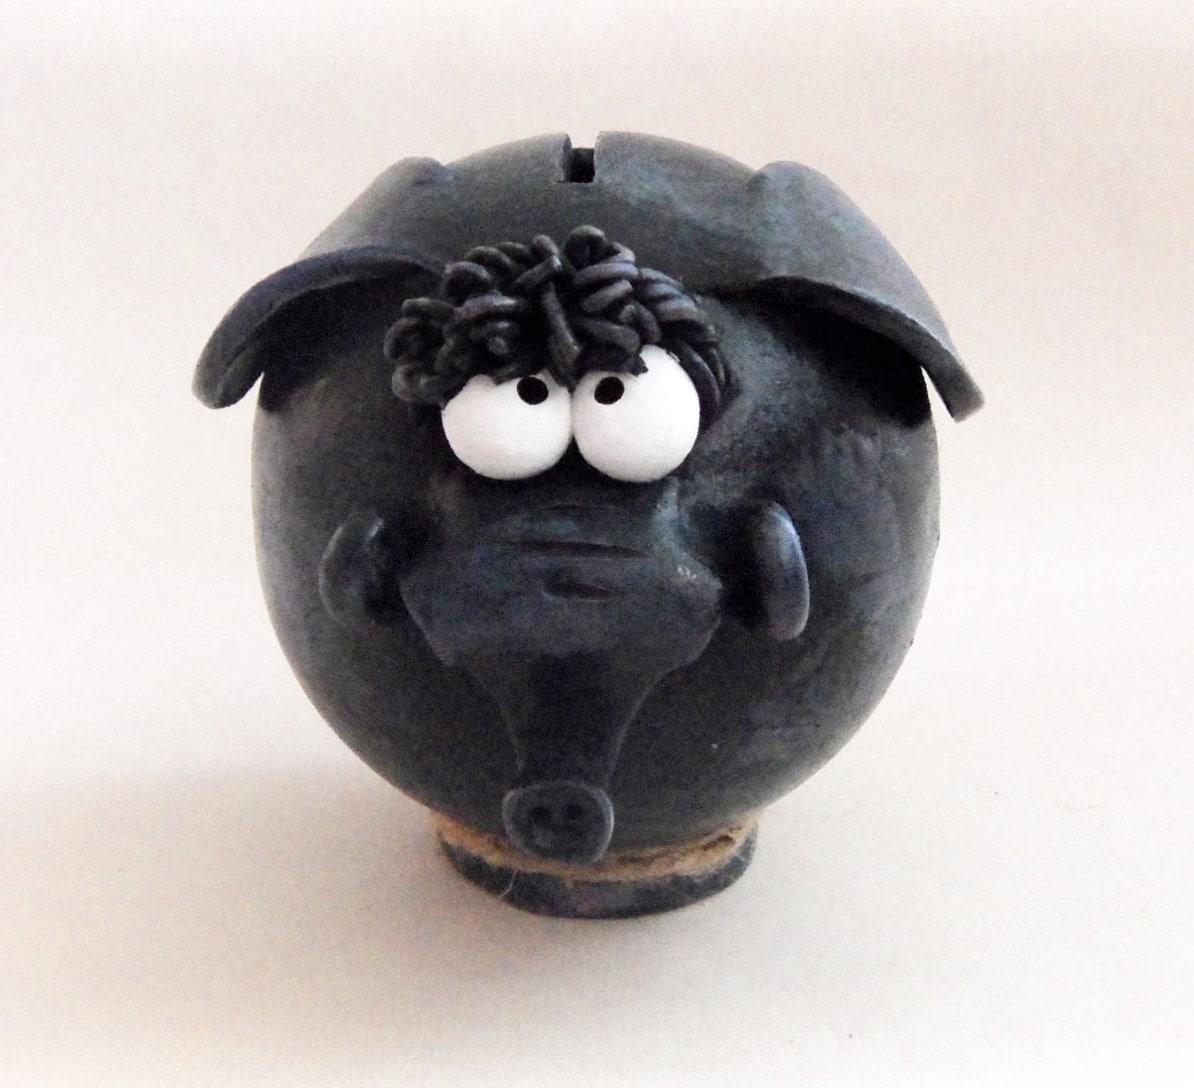 Blue elephant ceramic piggy bank handmade for by clayfulstudio - Ceramic elephant piggy bank ...